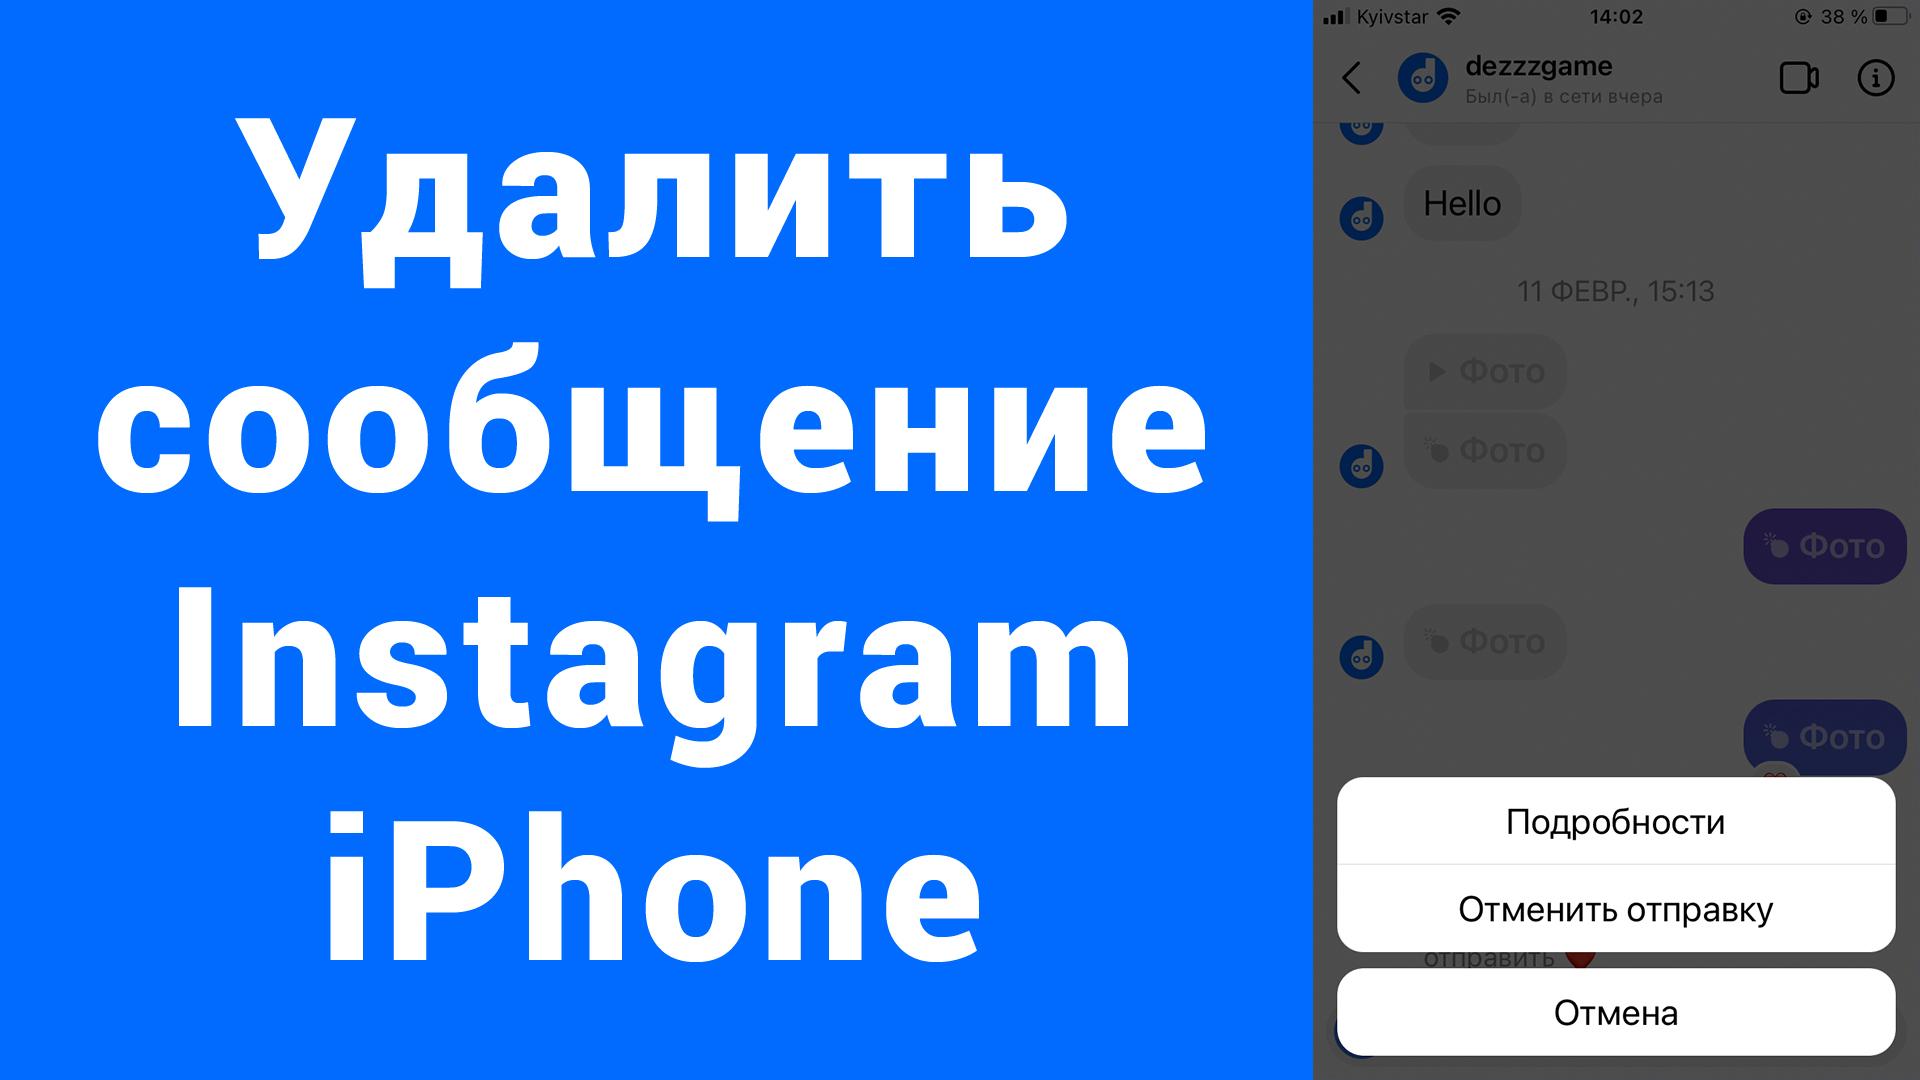 Как удалить сообщение Direct Инстаграм iPhone у другого человека (у себя)